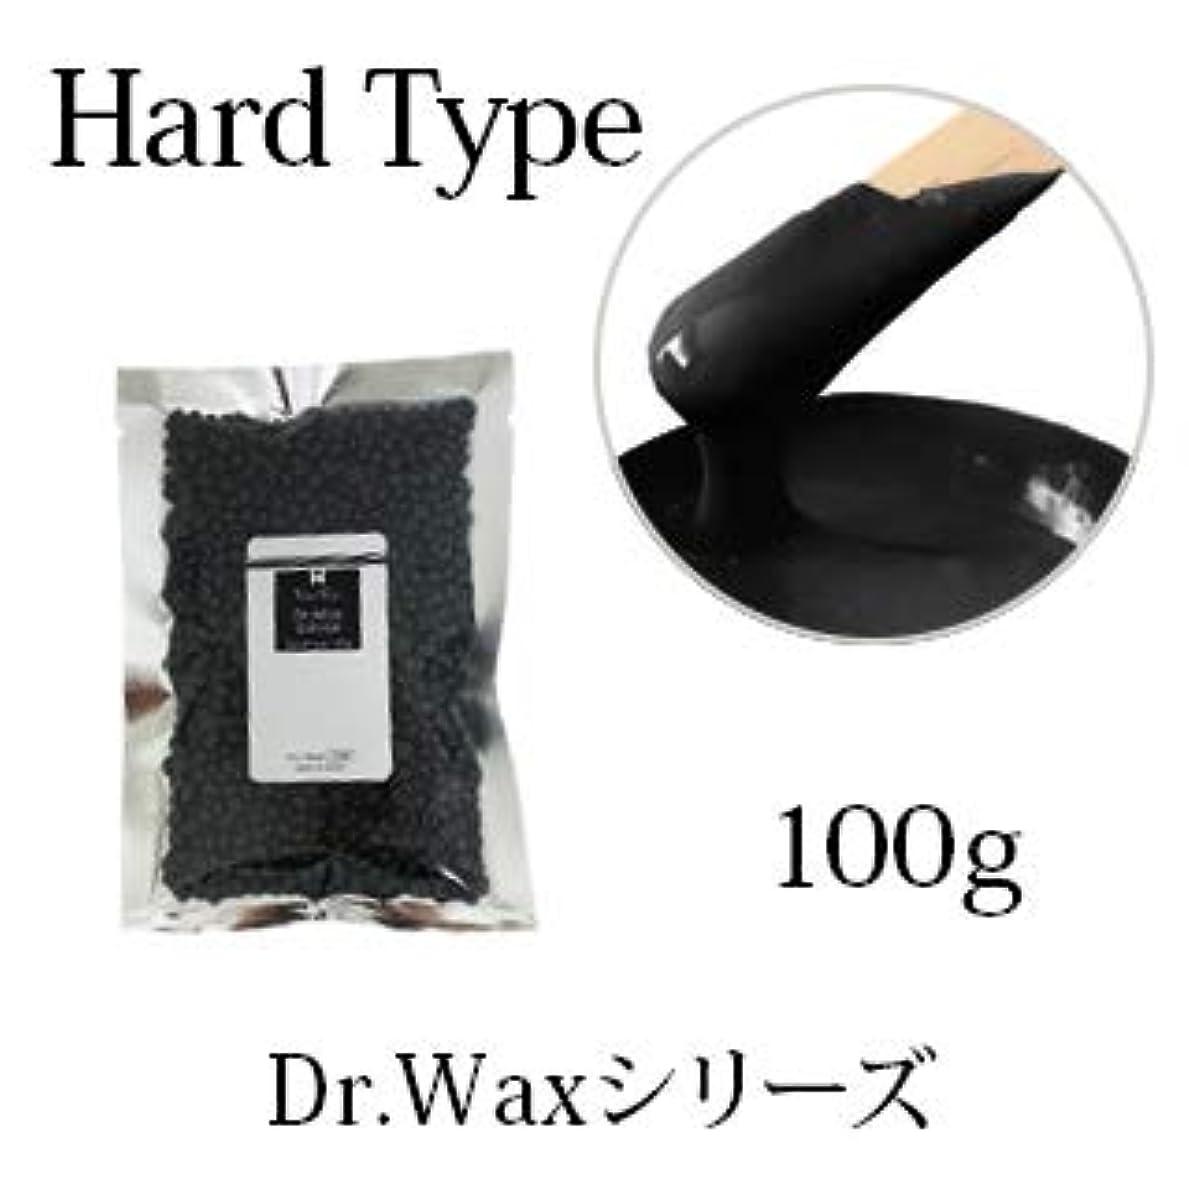 炭素スタイルグレートオーク【Dr.waxシリーズ】ワックス脱毛 粒タイプ 紙を使用しない ハードワックス (キャビア 100g)